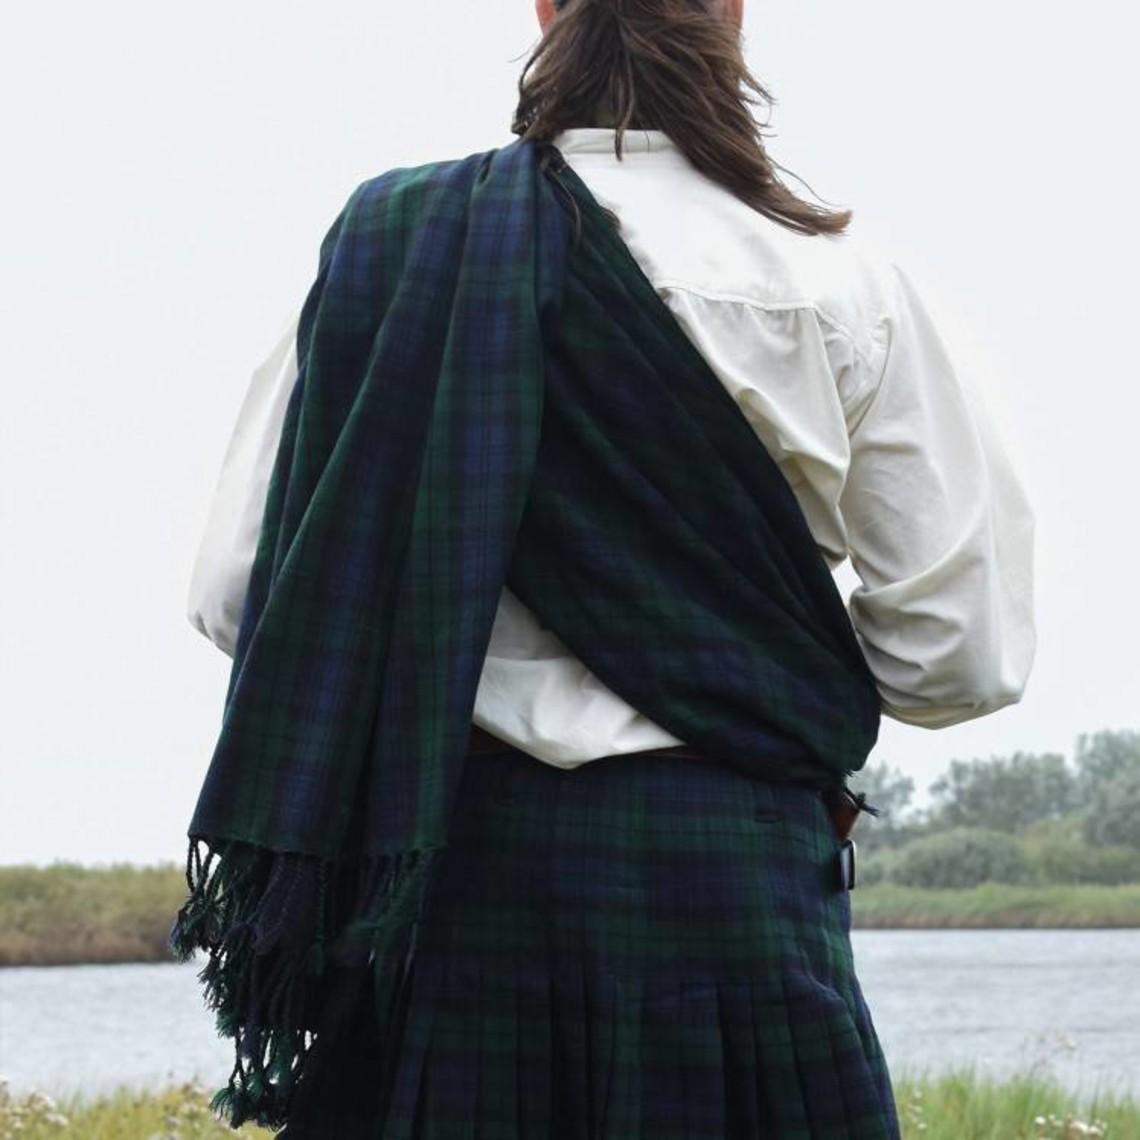 Szkocka krata tartan, Black Watch